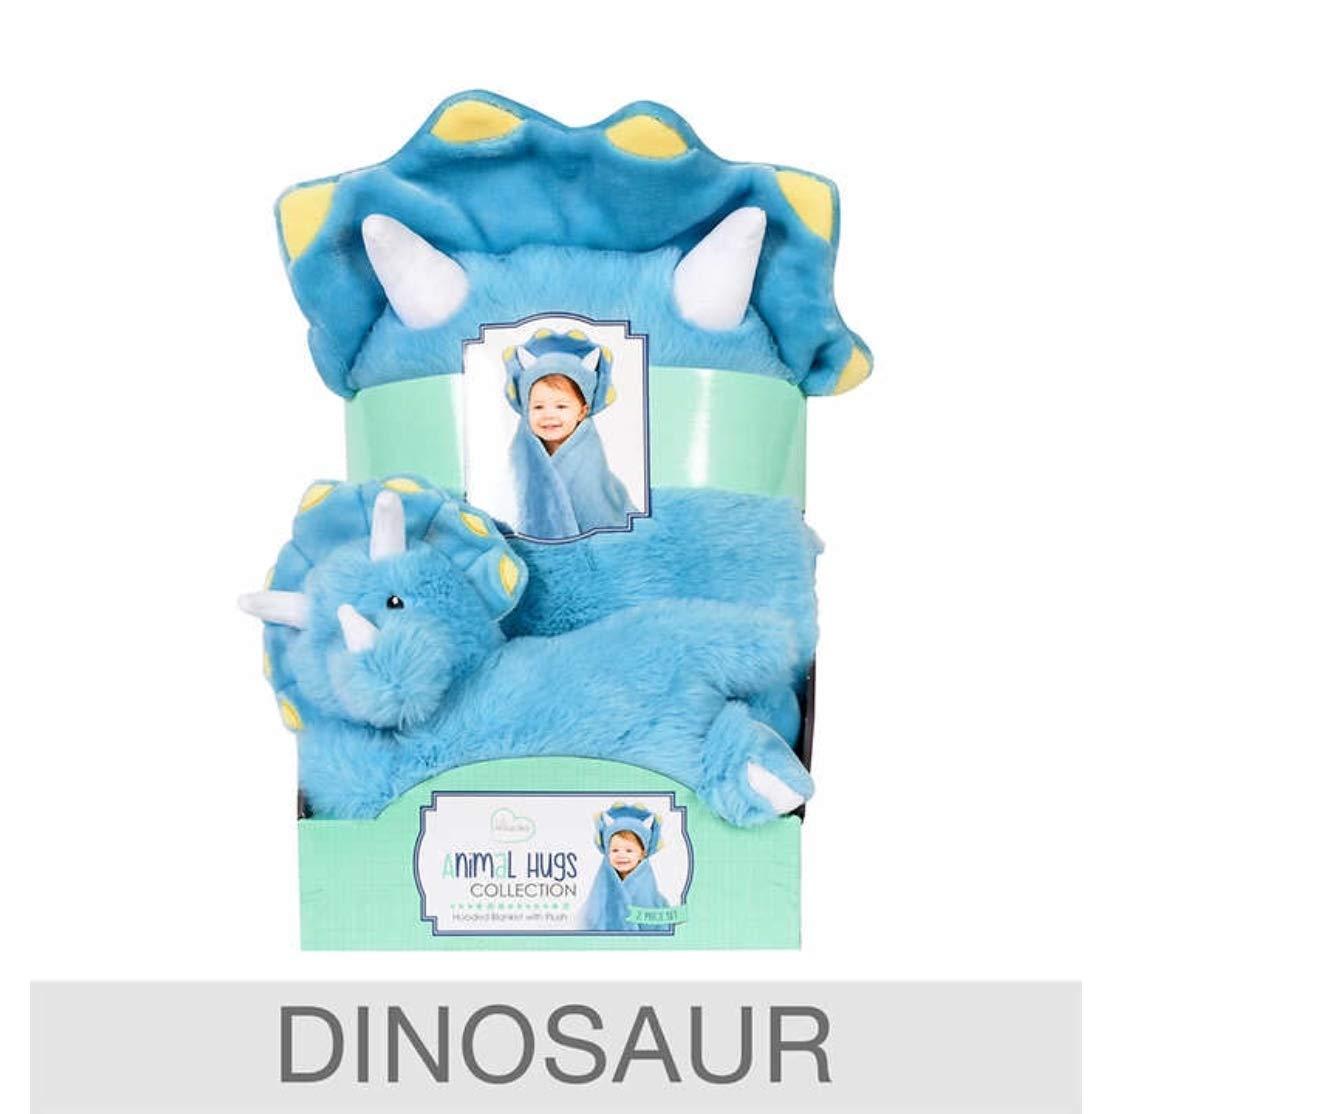 Little Miracles Animal Hugs Dinosaur